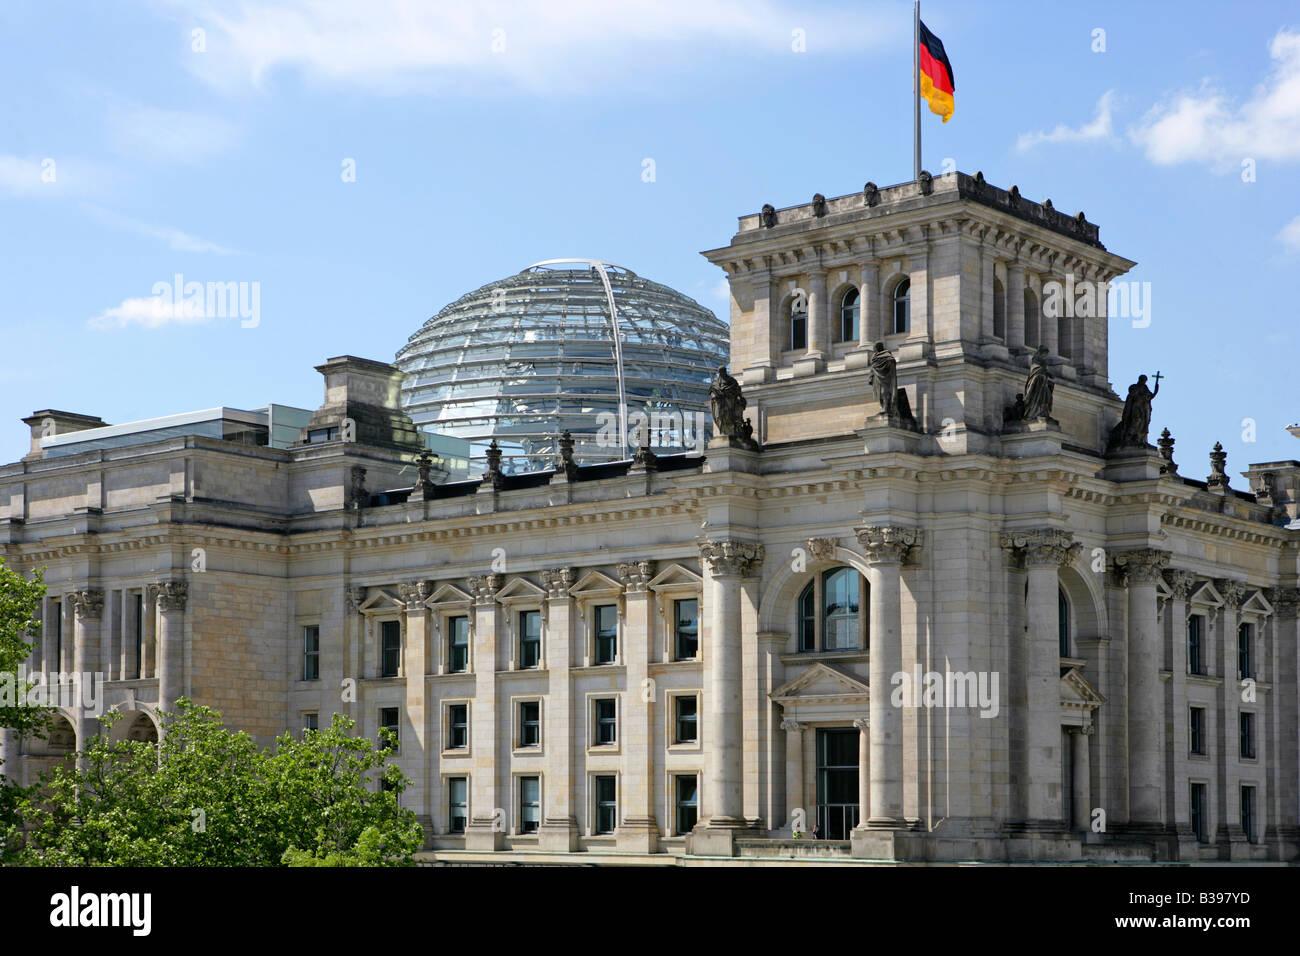 Deutschland, Berlin, Reichstagsgebaeude, Reichstag - German federal parliament in Berlin - Stock Image